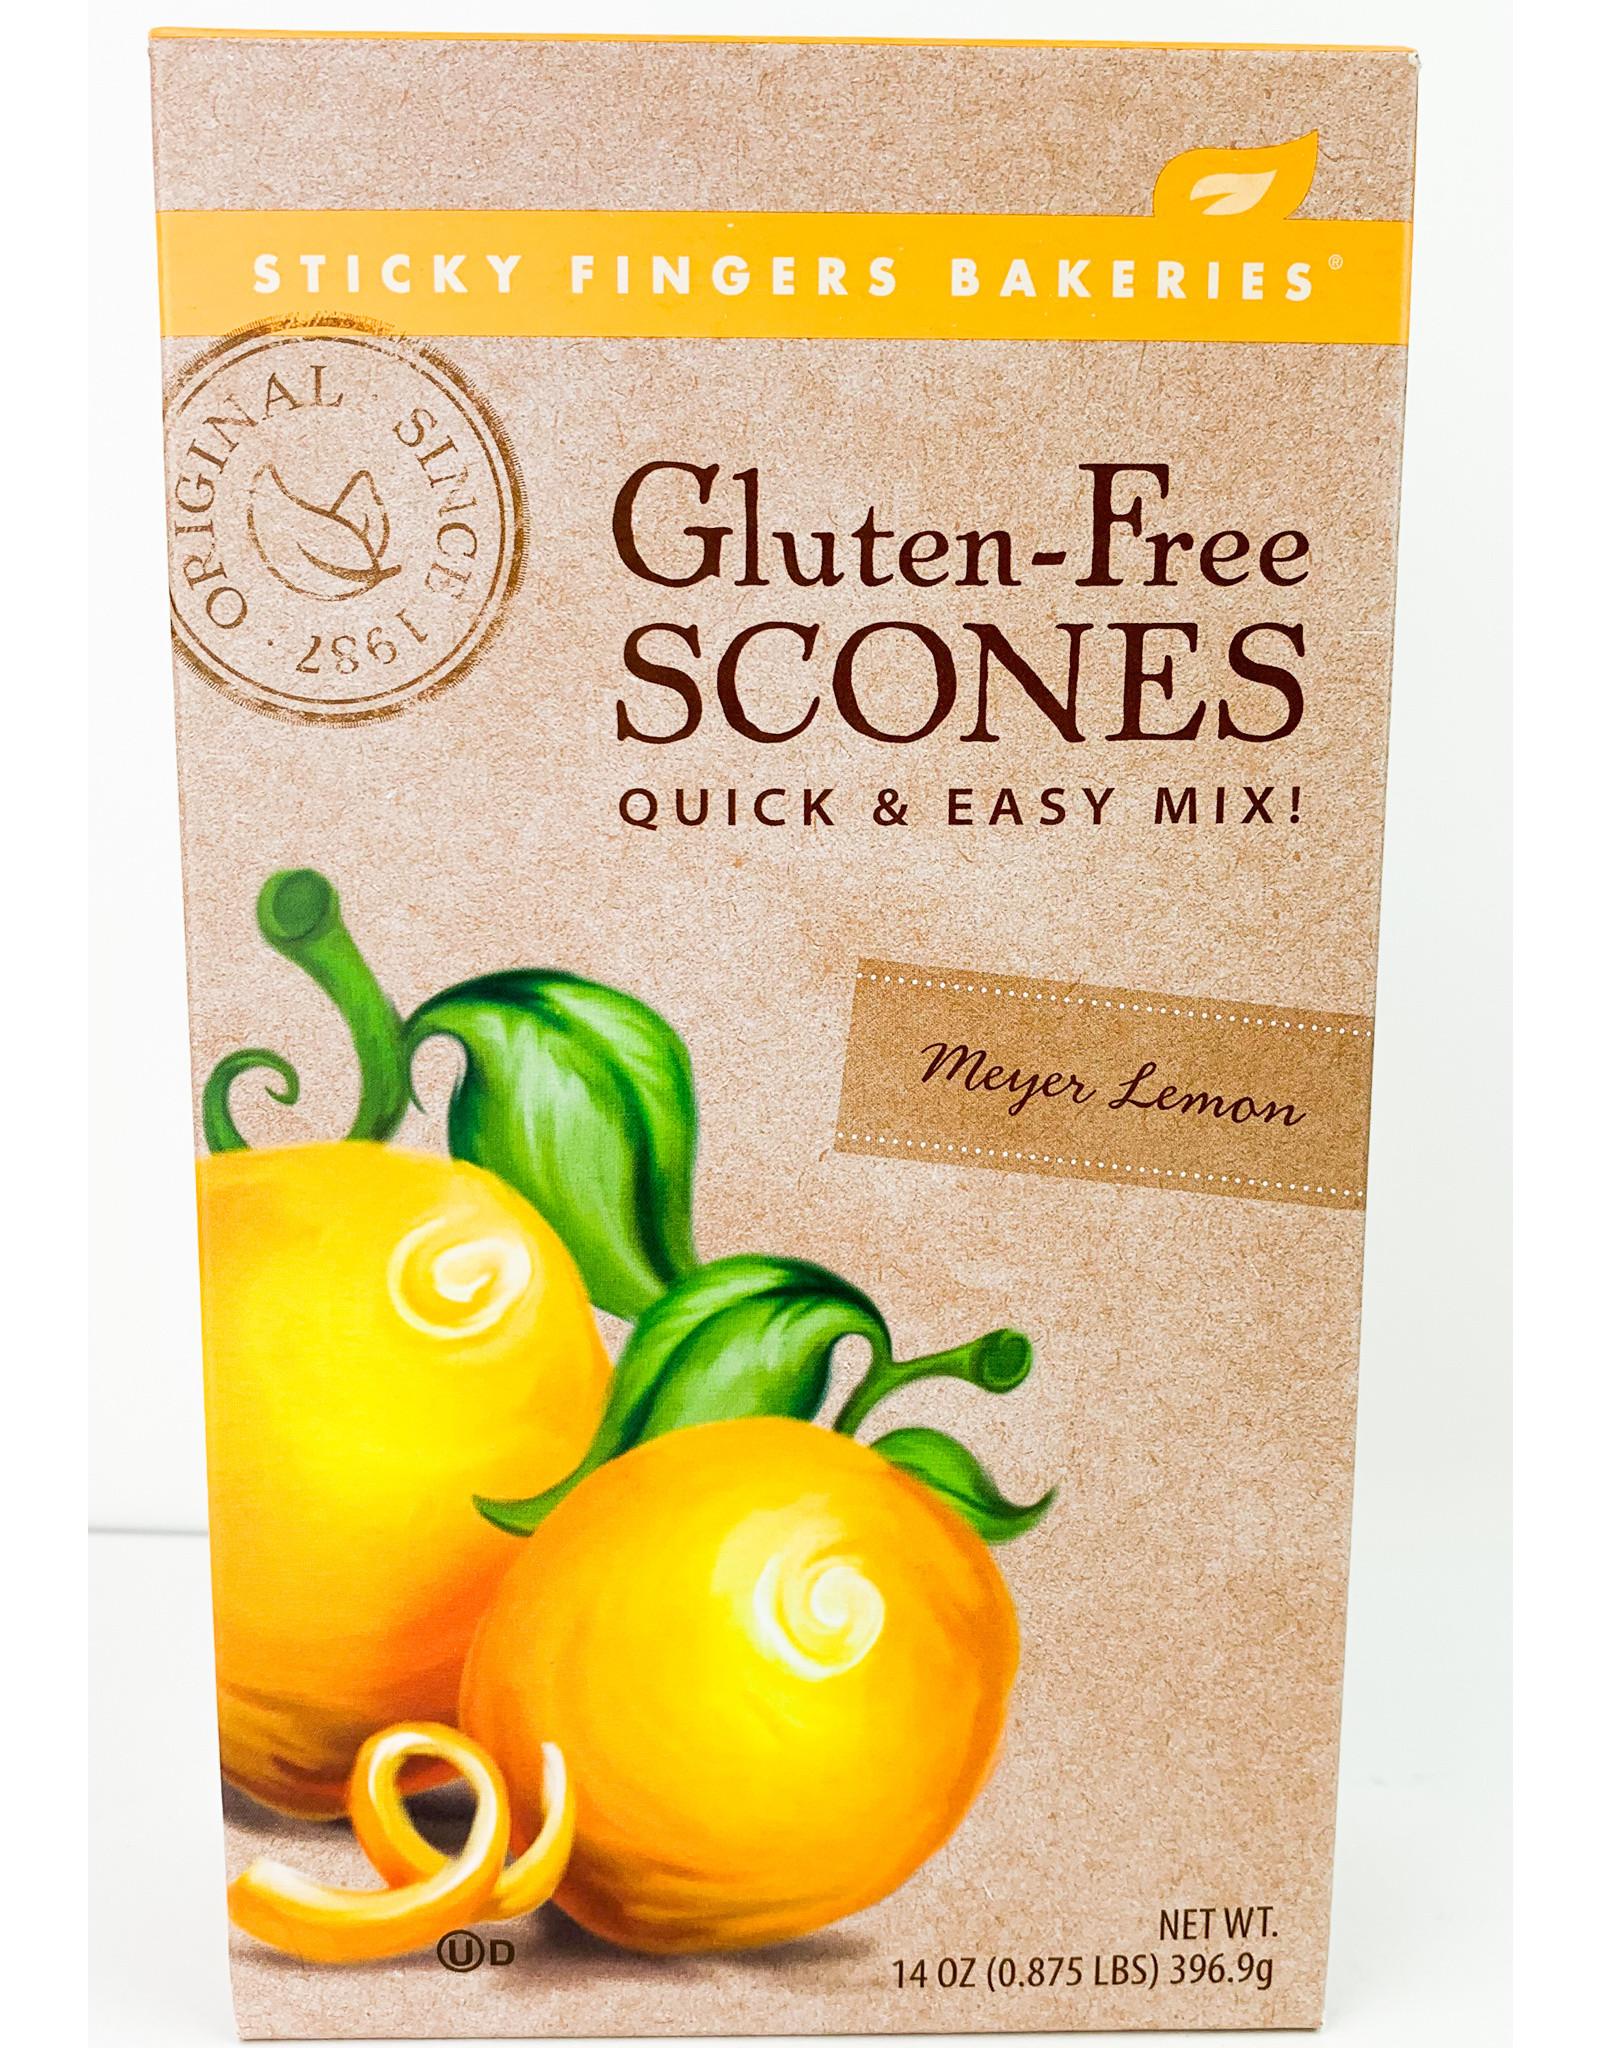 Sticky Fingers Bakeries Meyer Lemon -gluten free